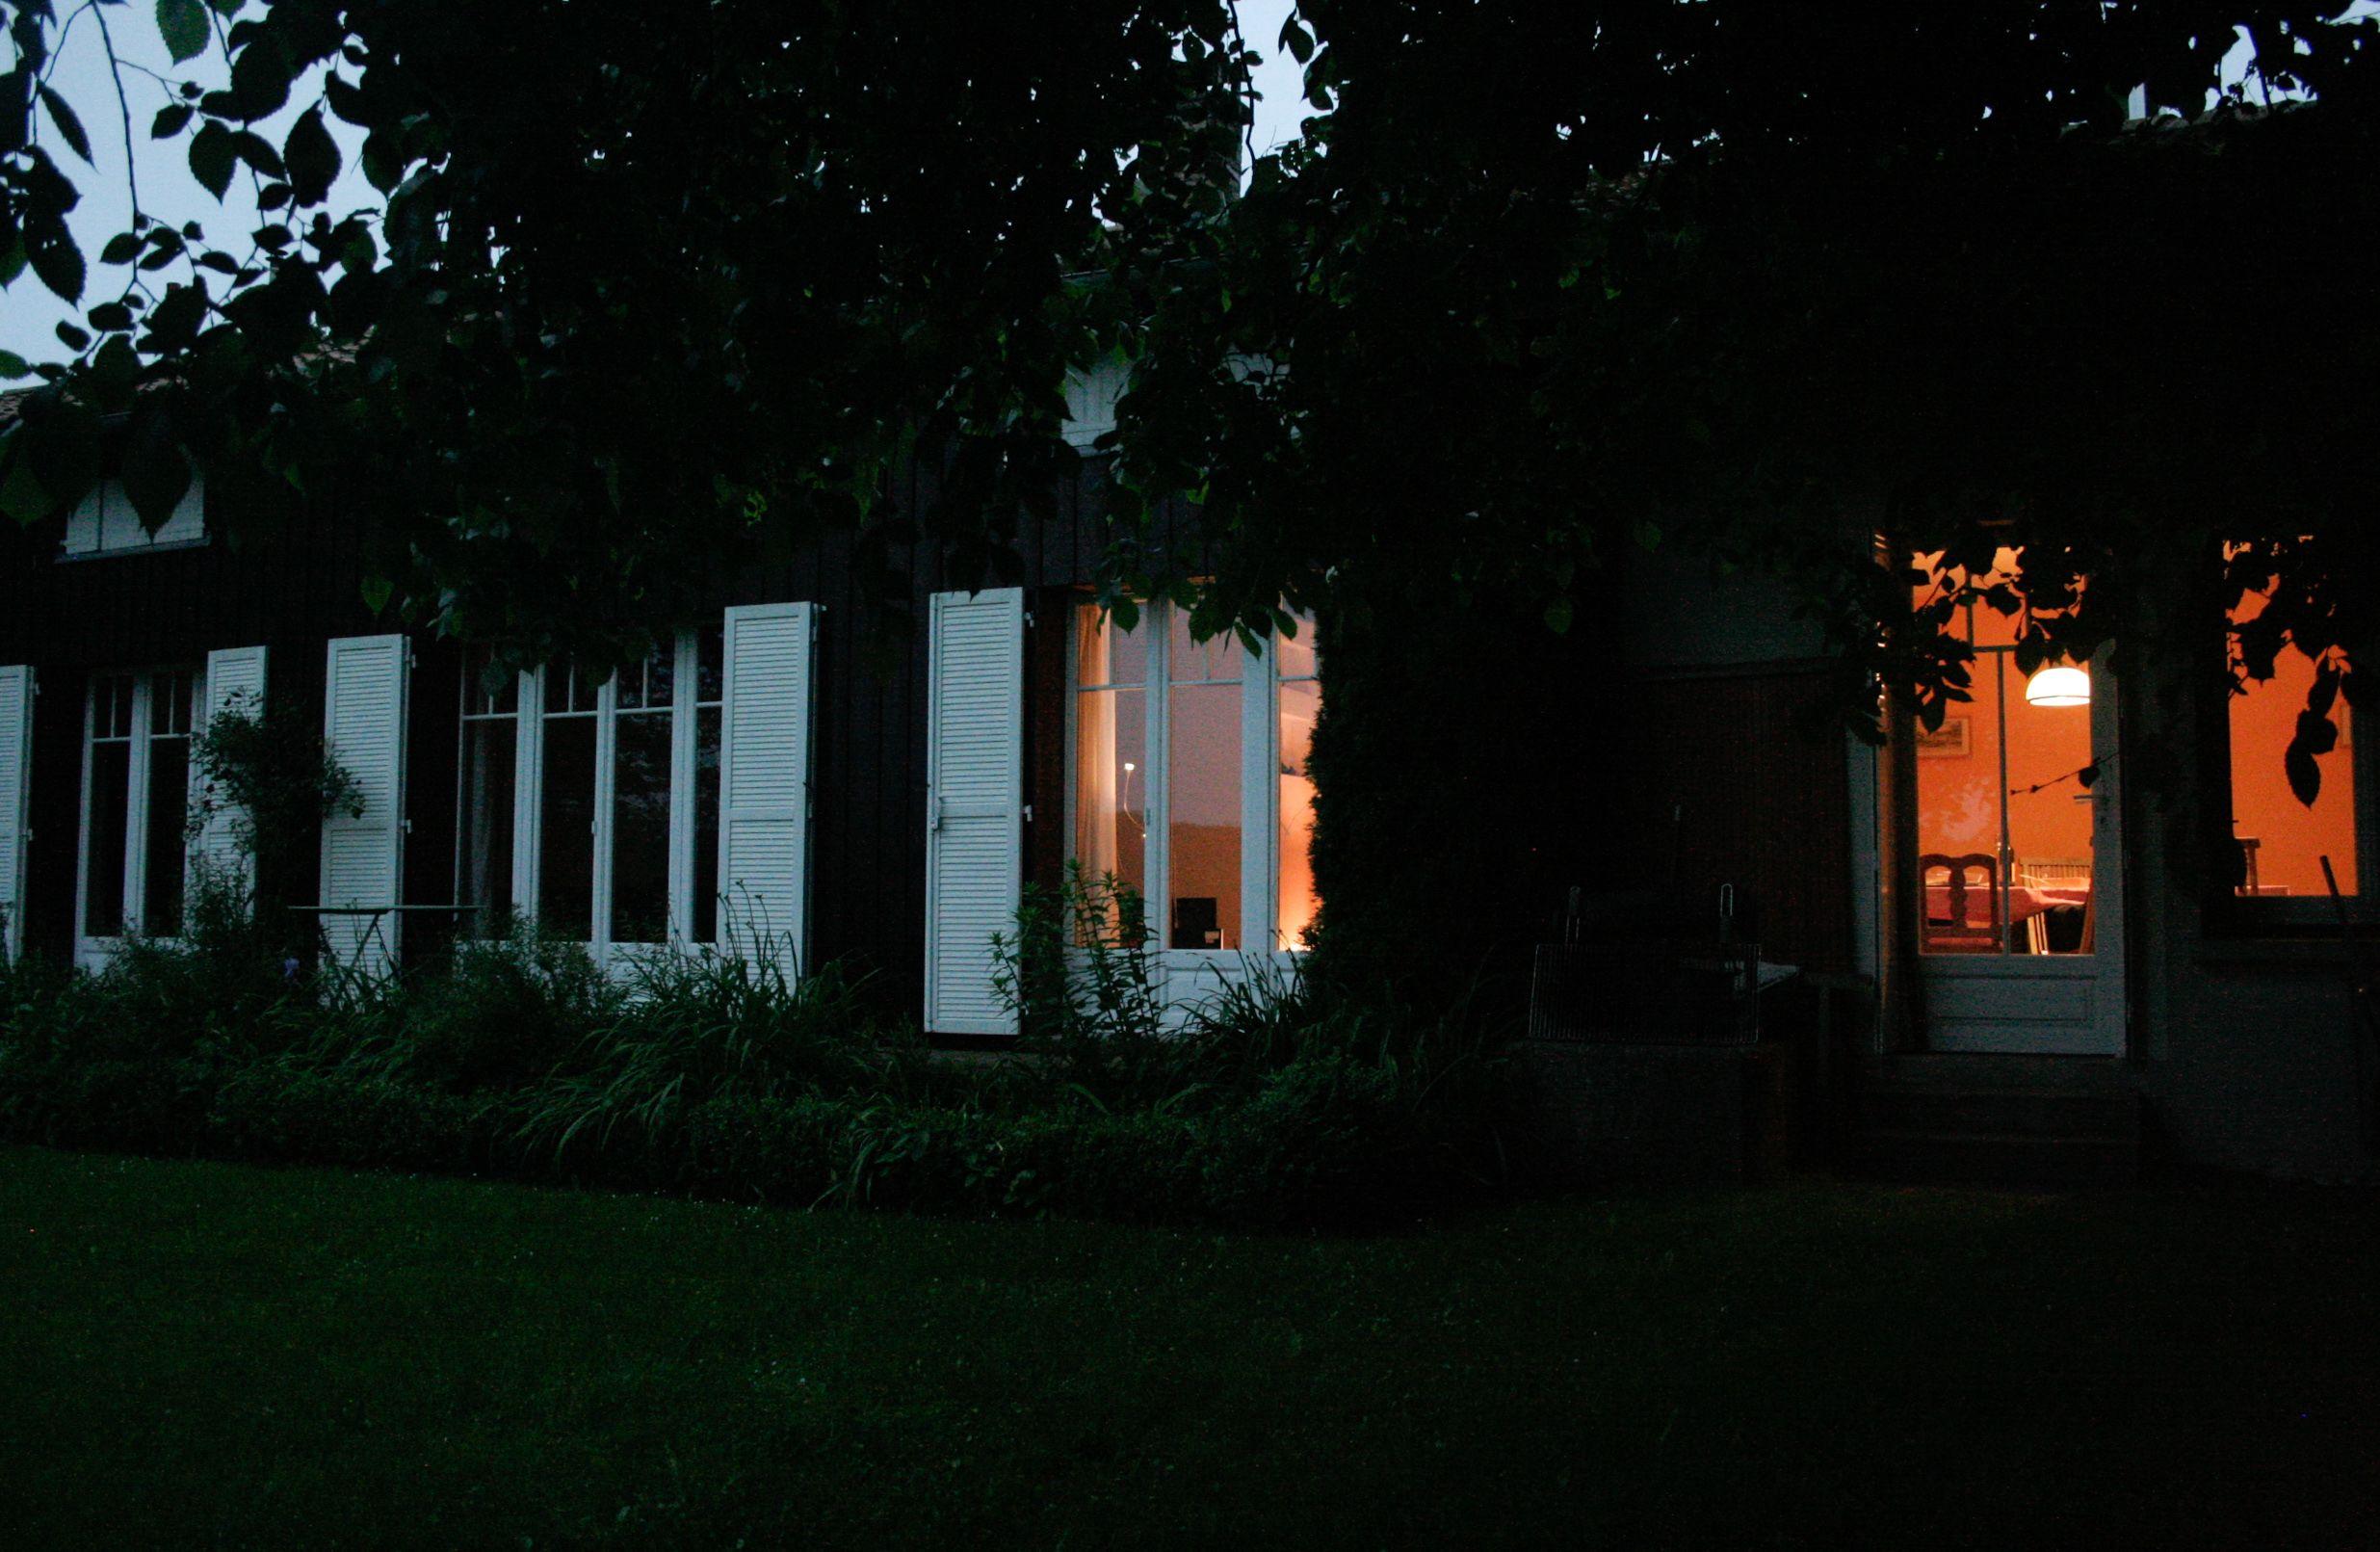 La nuit tombée. 51G416 - Sous l'Orme en Argonne - Les Charmontois - Gîtes de France Marne